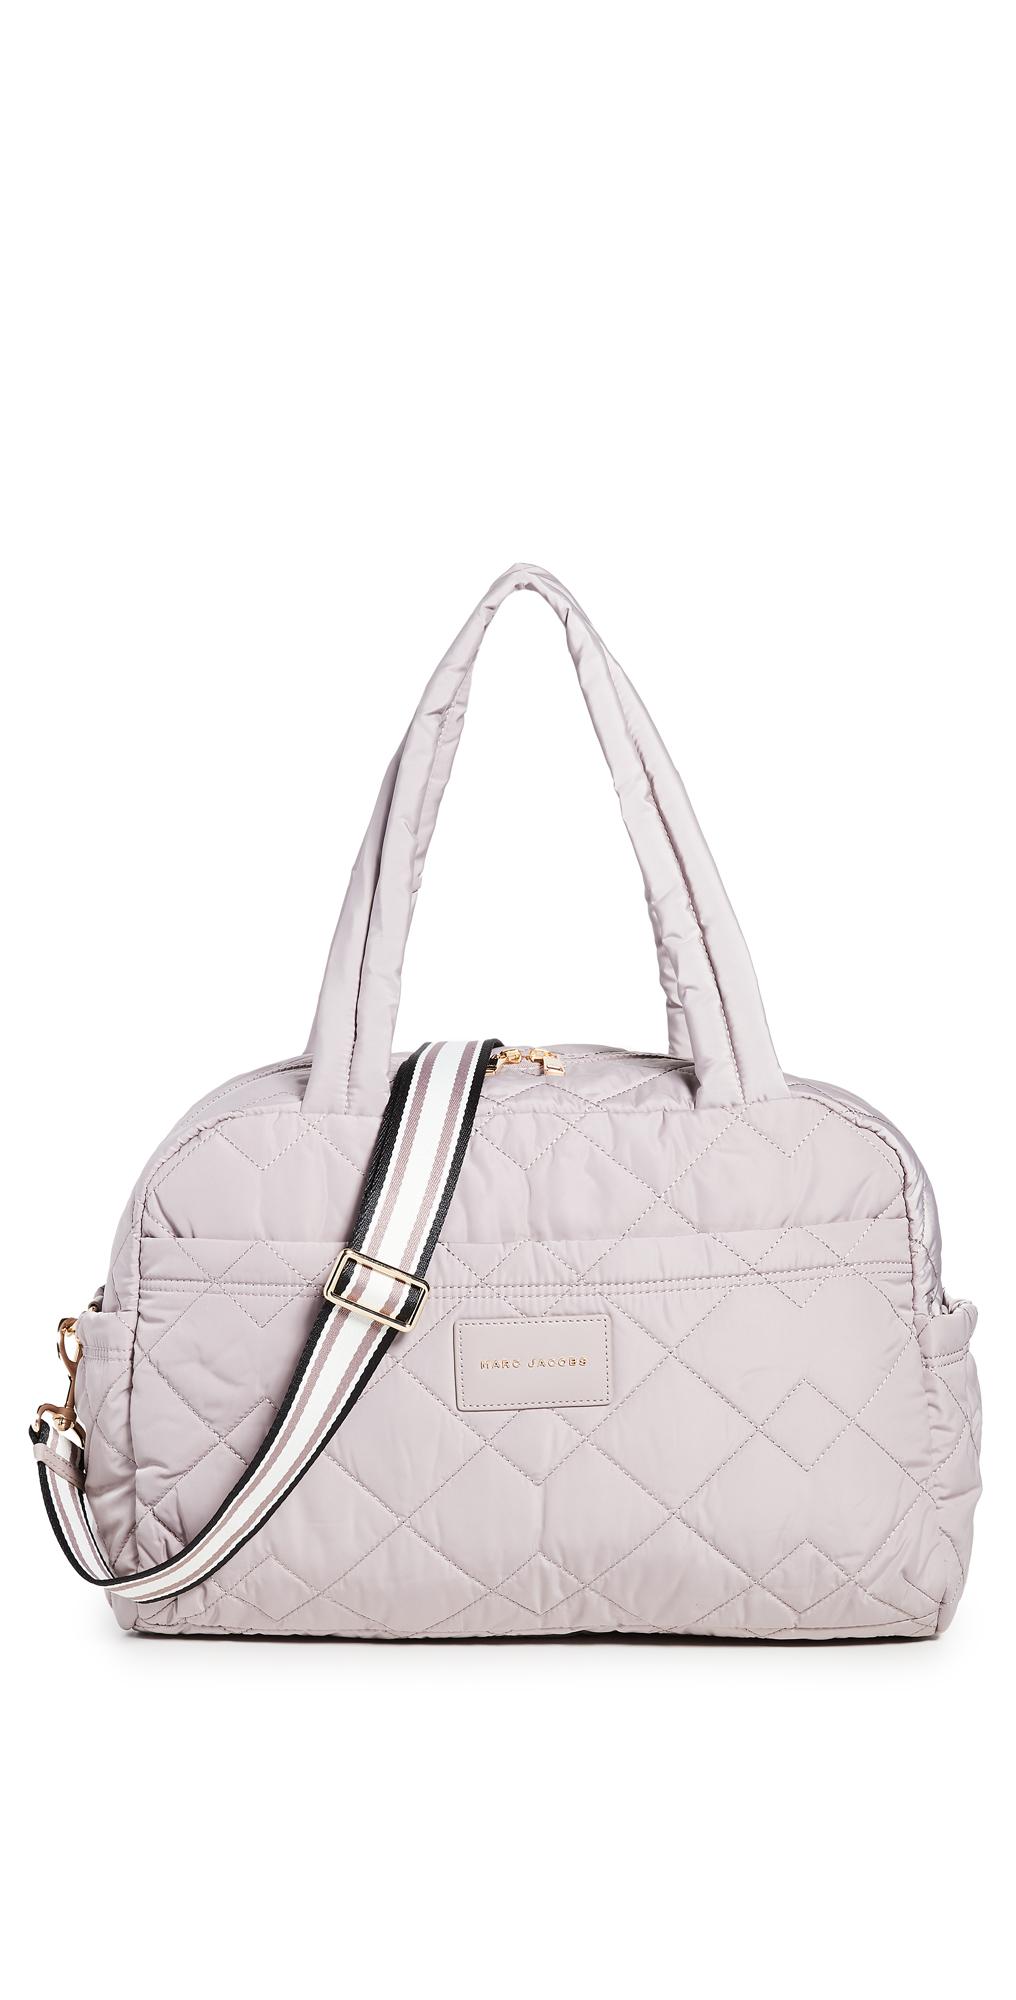 The Marc Jacobs Medium Weekender Bag